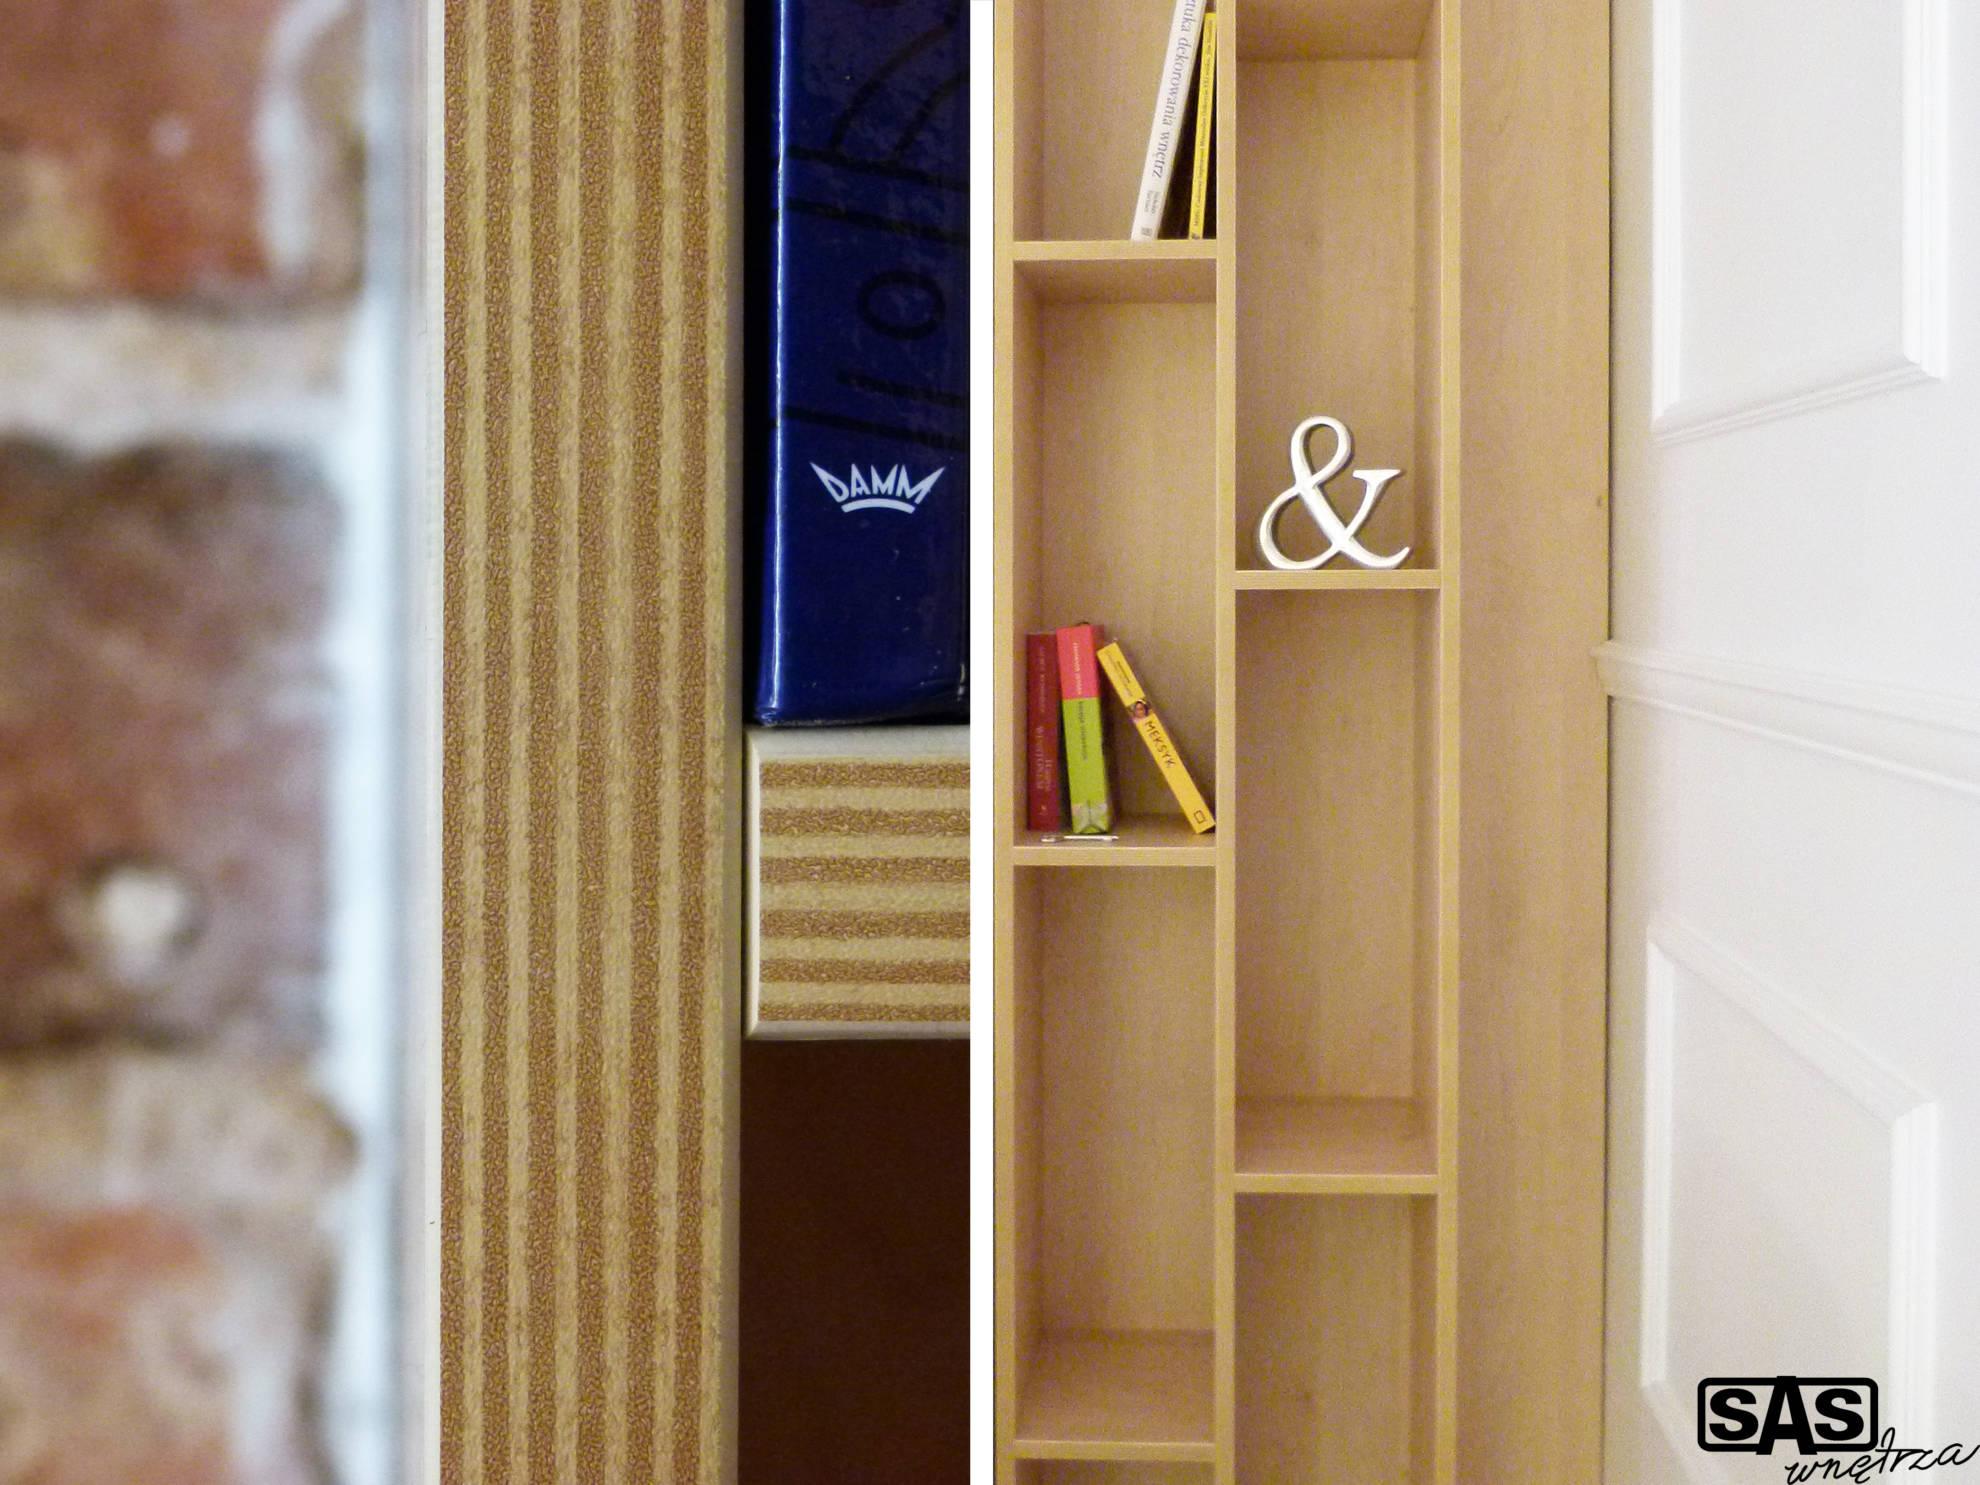 Projekt aranżacji mieszkania na wynajem - zbliżenie na detale - meble kuchenne wykonanie SAS Wnętrza i Kuchnie, projekt architekt wnętrz Emilia Strzempek Plasun.